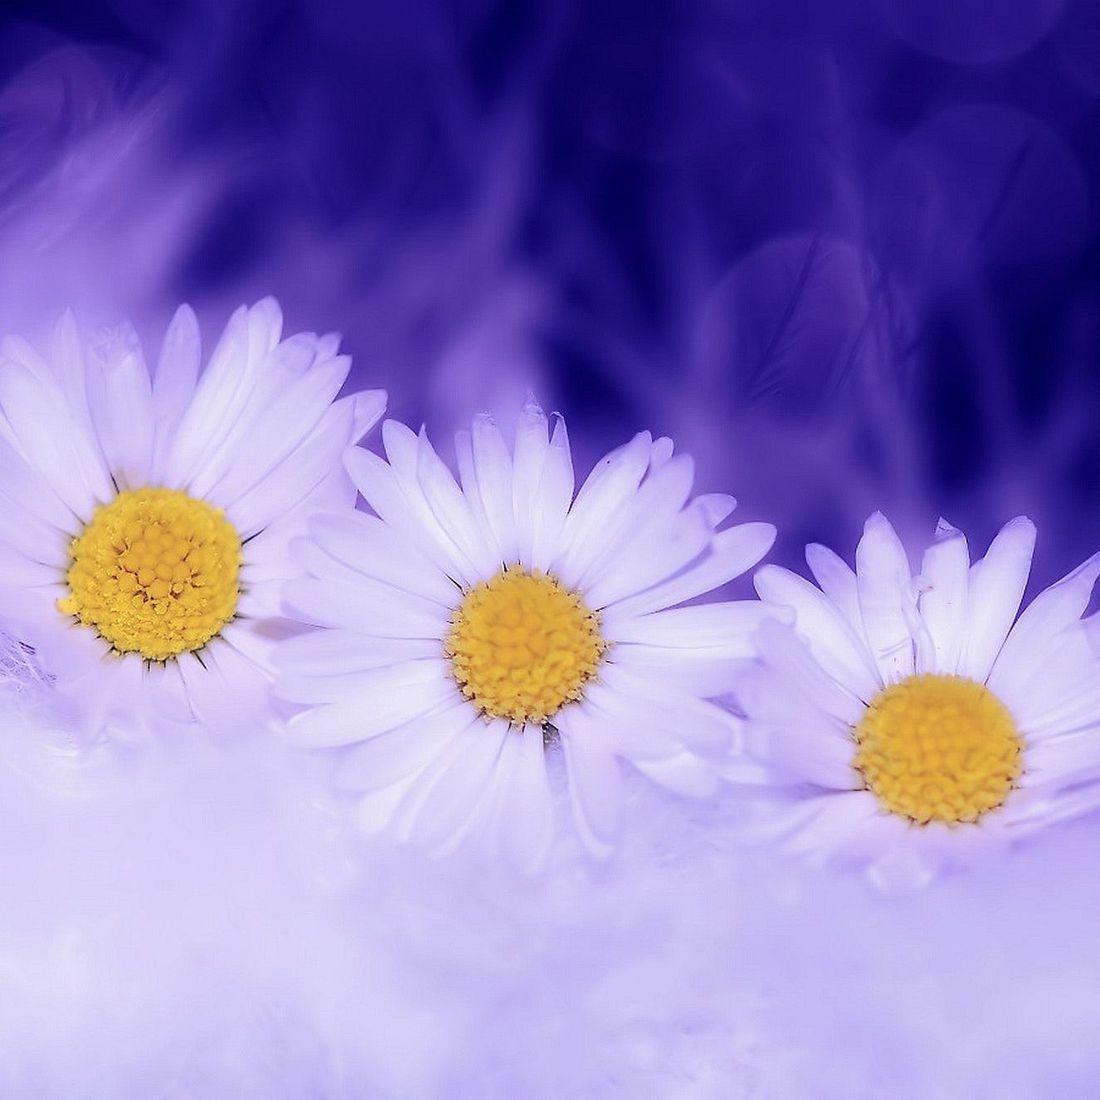 Three daisies